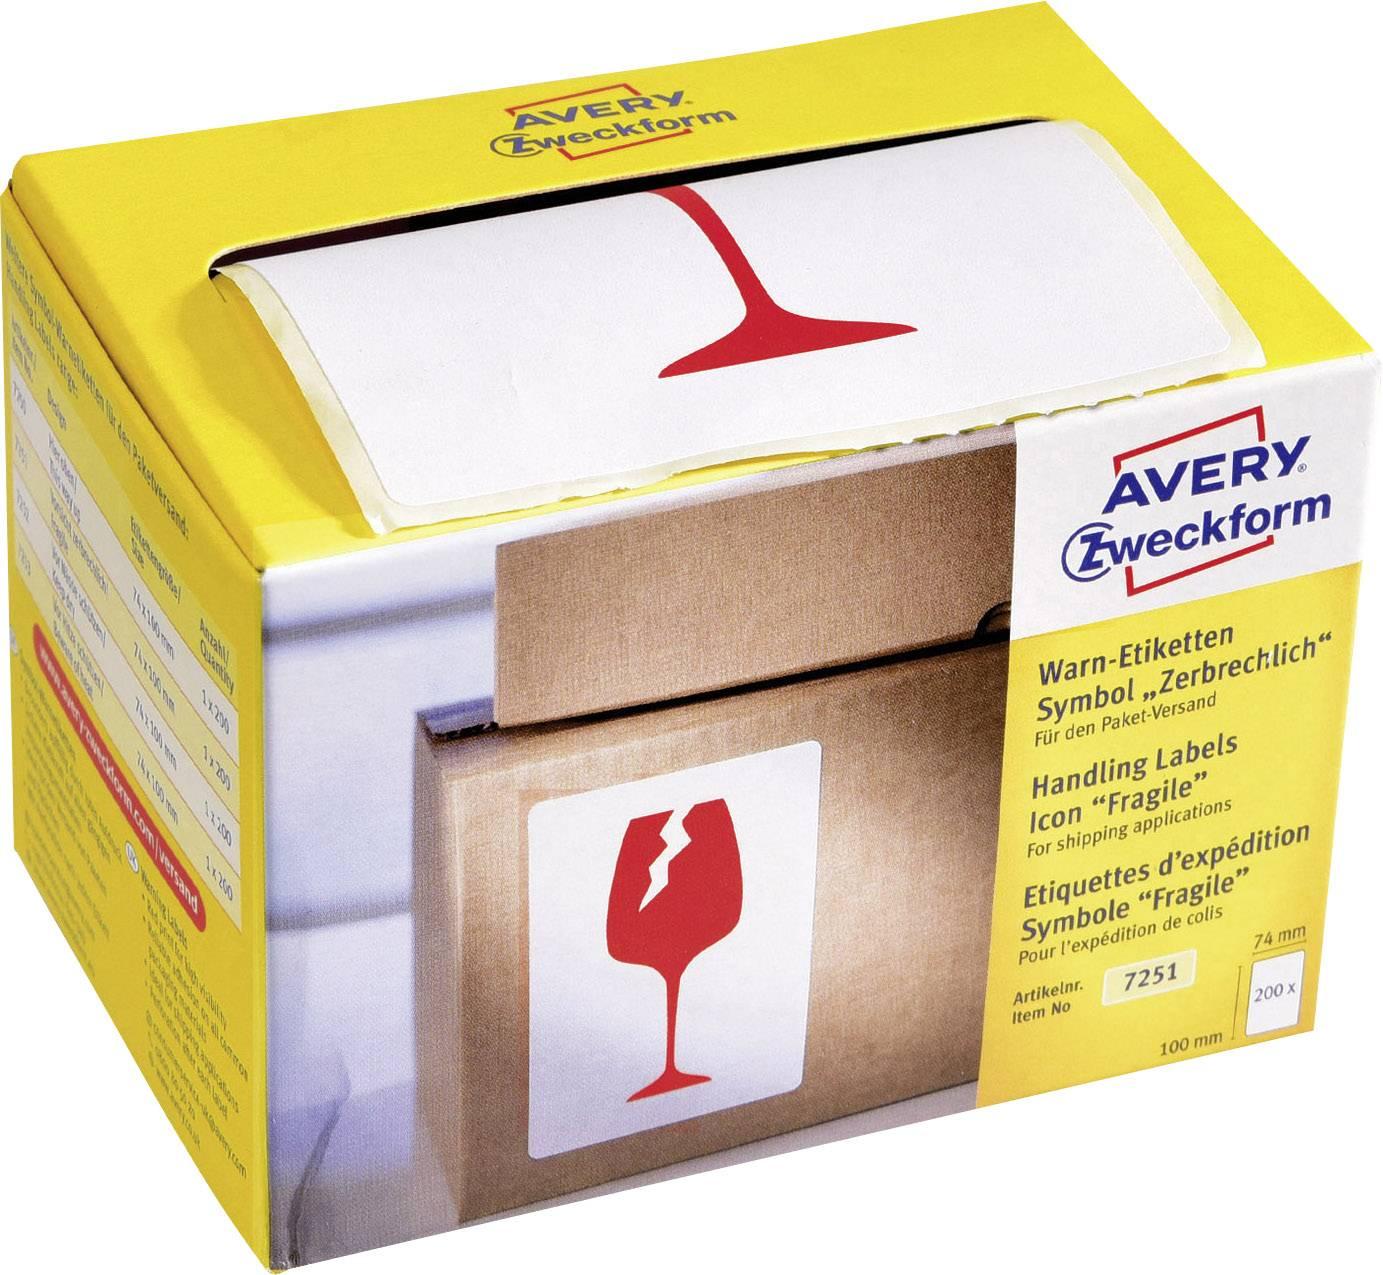 Avery Zweckform 7251 Symbol Warnetiketten 74 X 100 Mm Symbol Vorsicht Zerbrechlich 1 Rolle200 Etiketten Rot